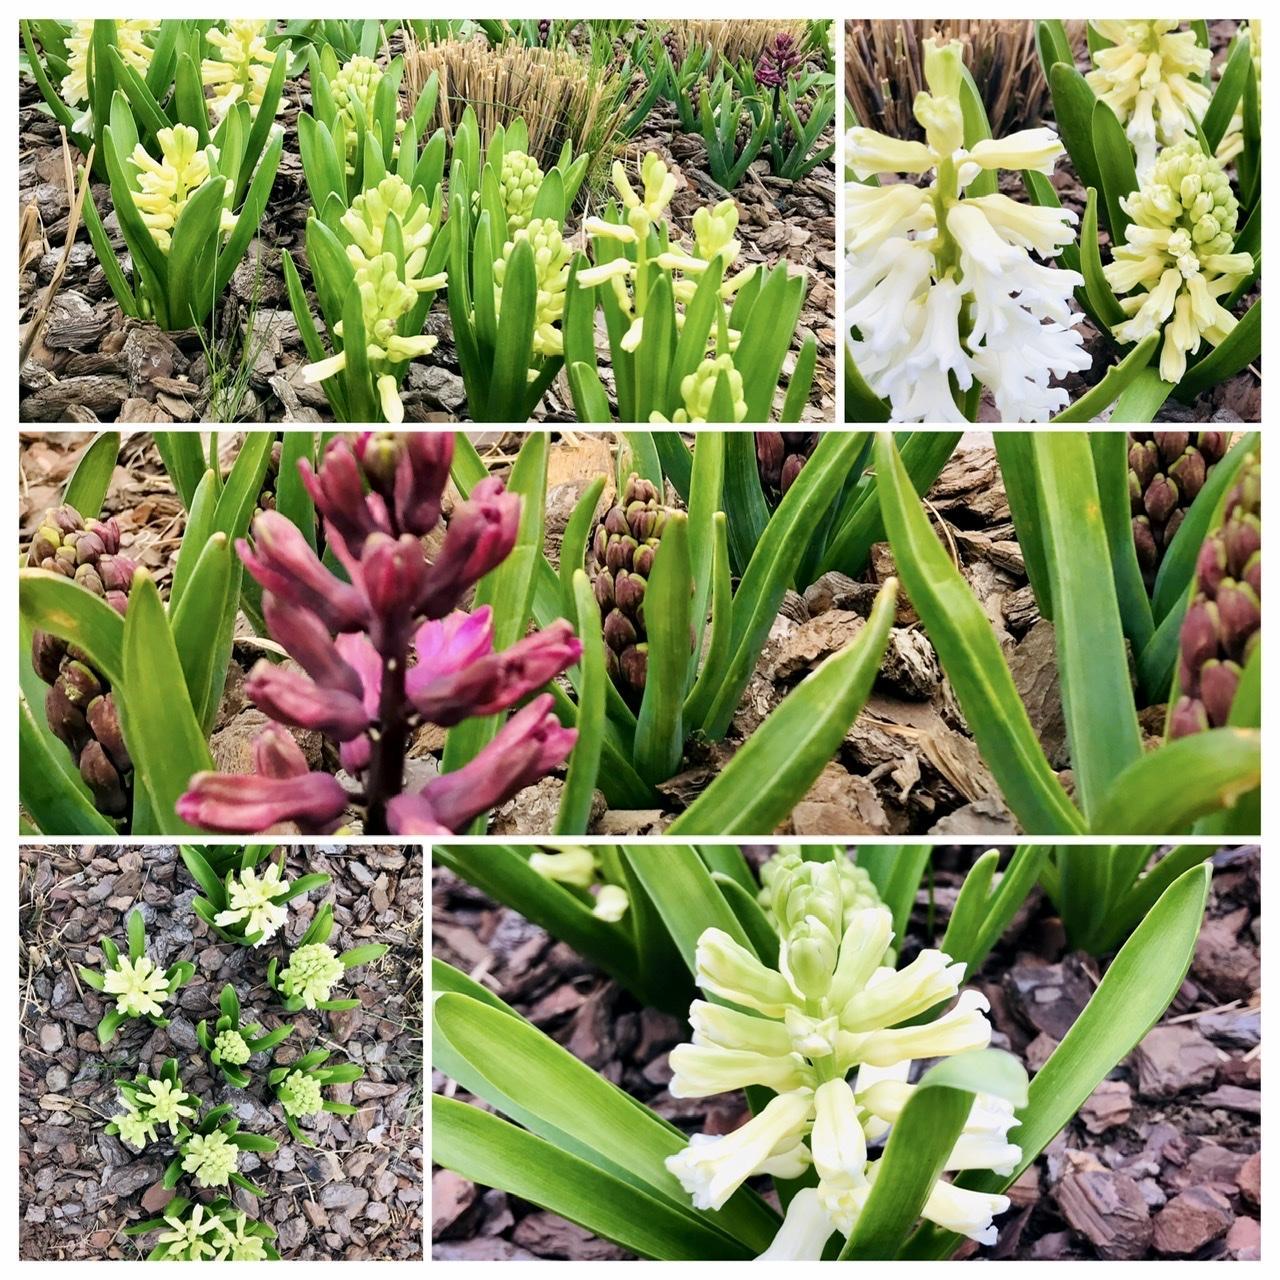 Naše L-ko - 2021 - stále dokončujeme - v predzahrádke - začínajú kvitnú biela a cyklamenové hyaciny. 5 metrový záhon kde striedaju ostrihanu ozdobnicu čínsku